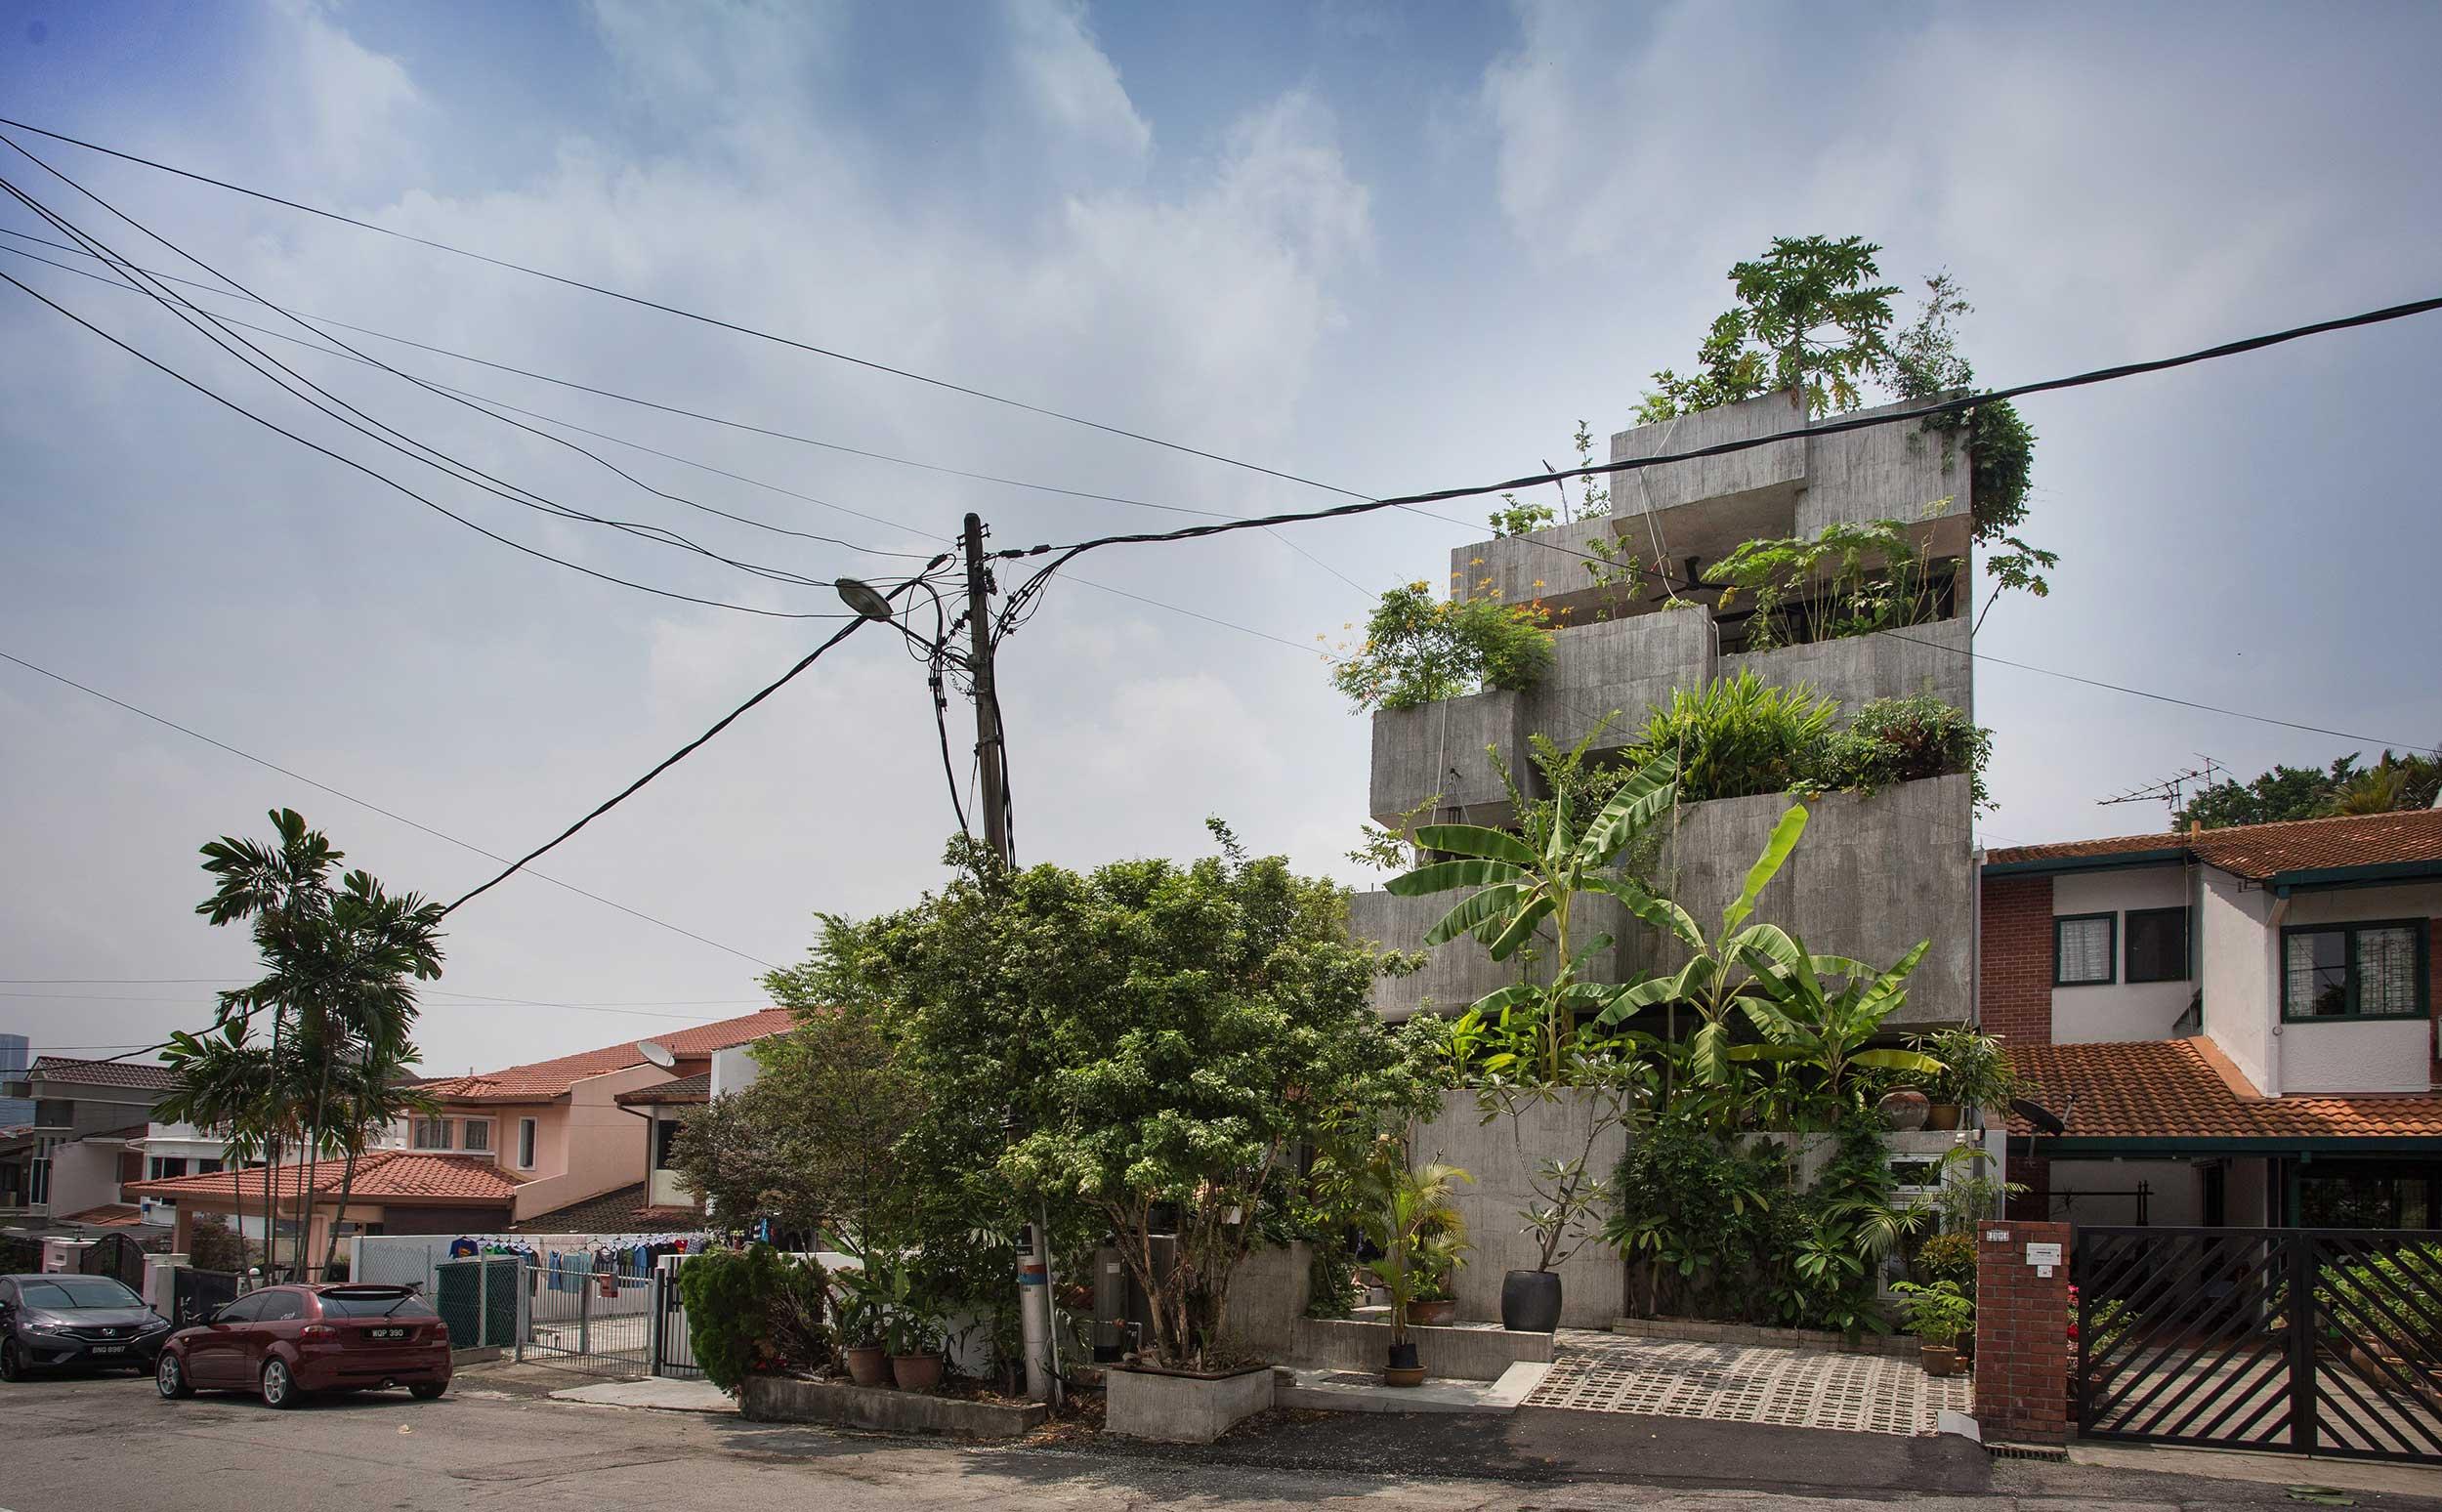 Γκρίζο κτίριο με πολλή βλάστηση σε όλα τα επίπεδα.